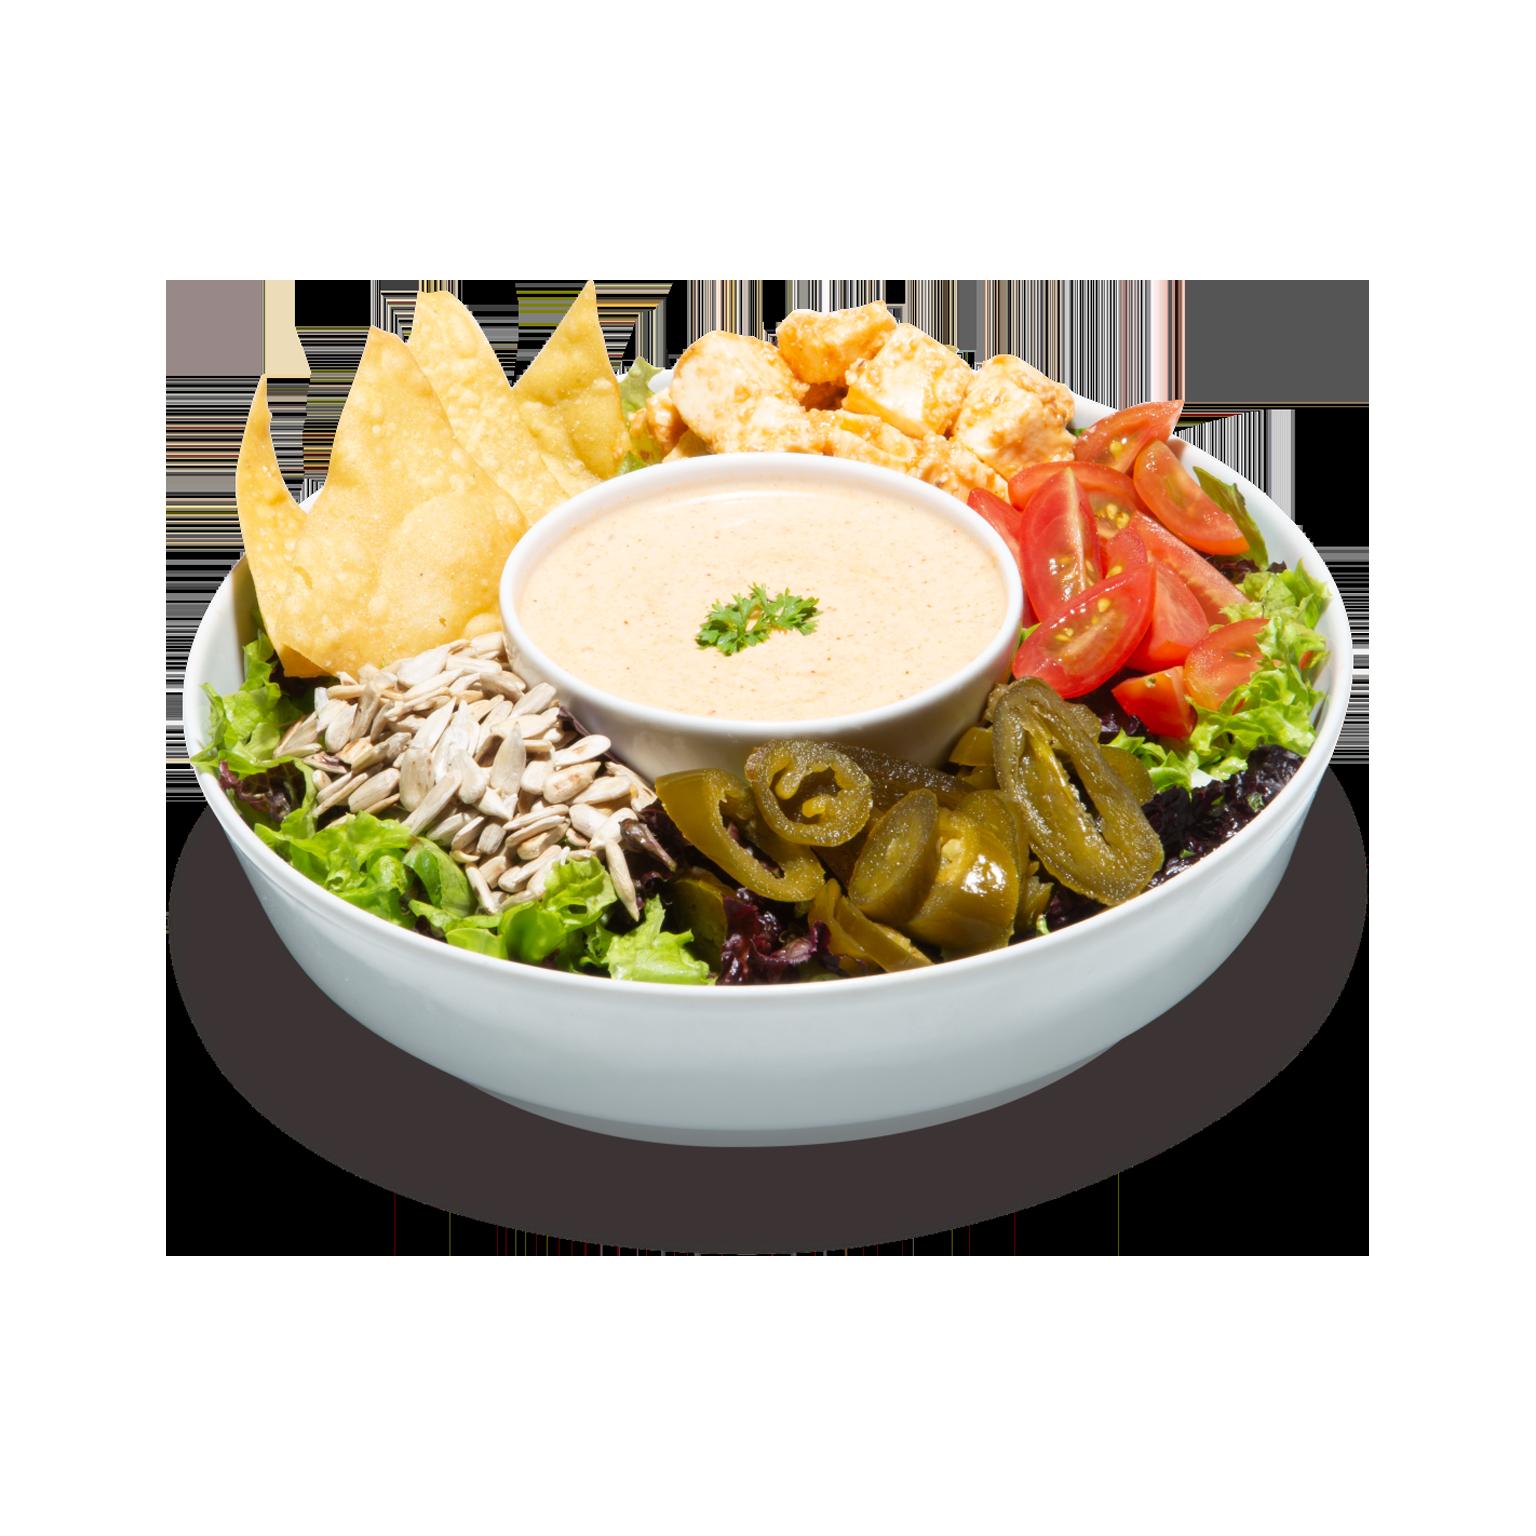 Chipotle Cilantro salad